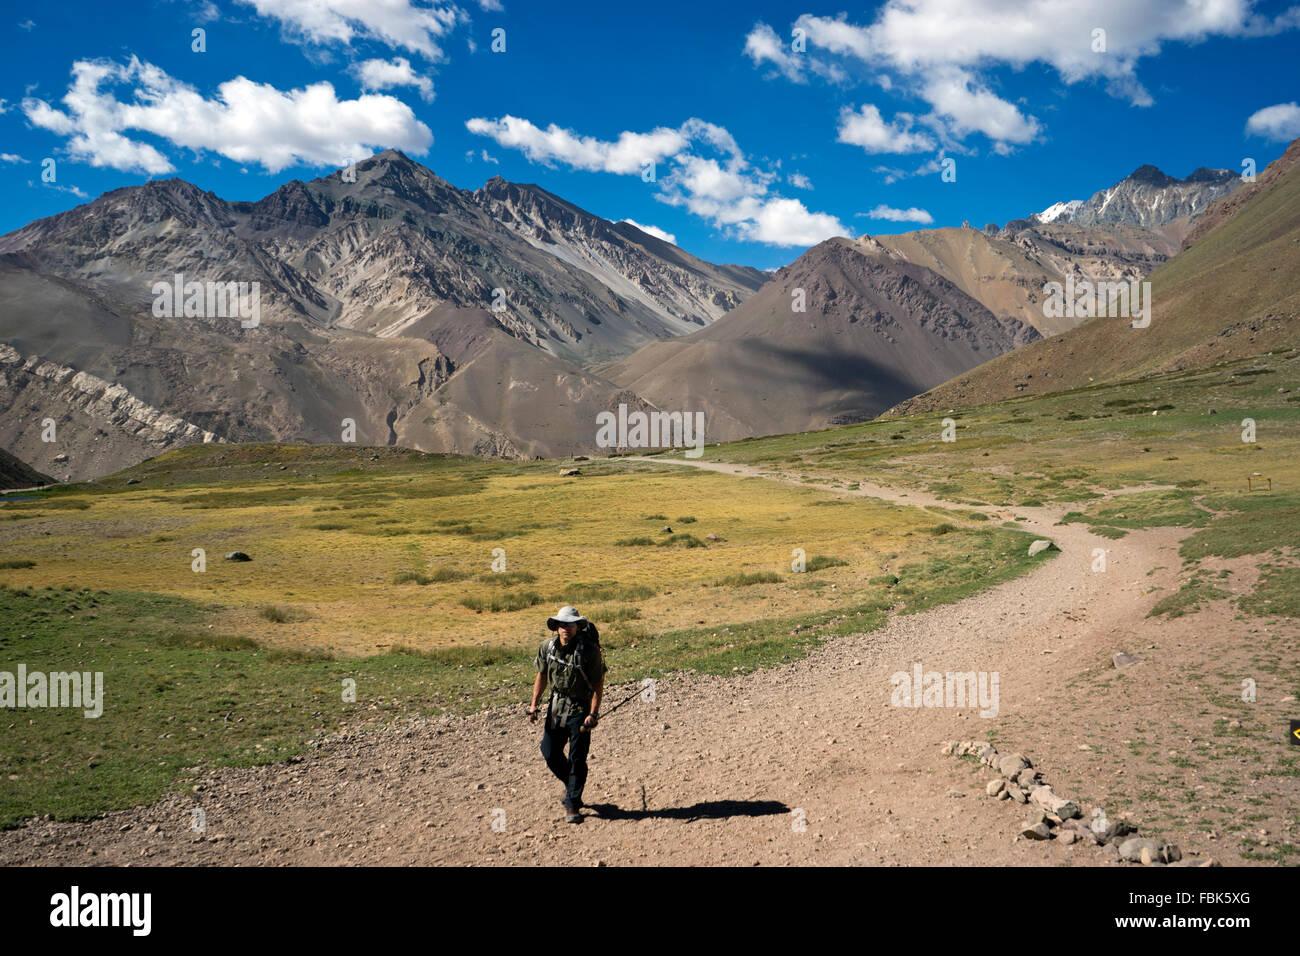 Sur le chemin vers le sommet de l'Aconcagua, Argentine, Andes. Photo Stock